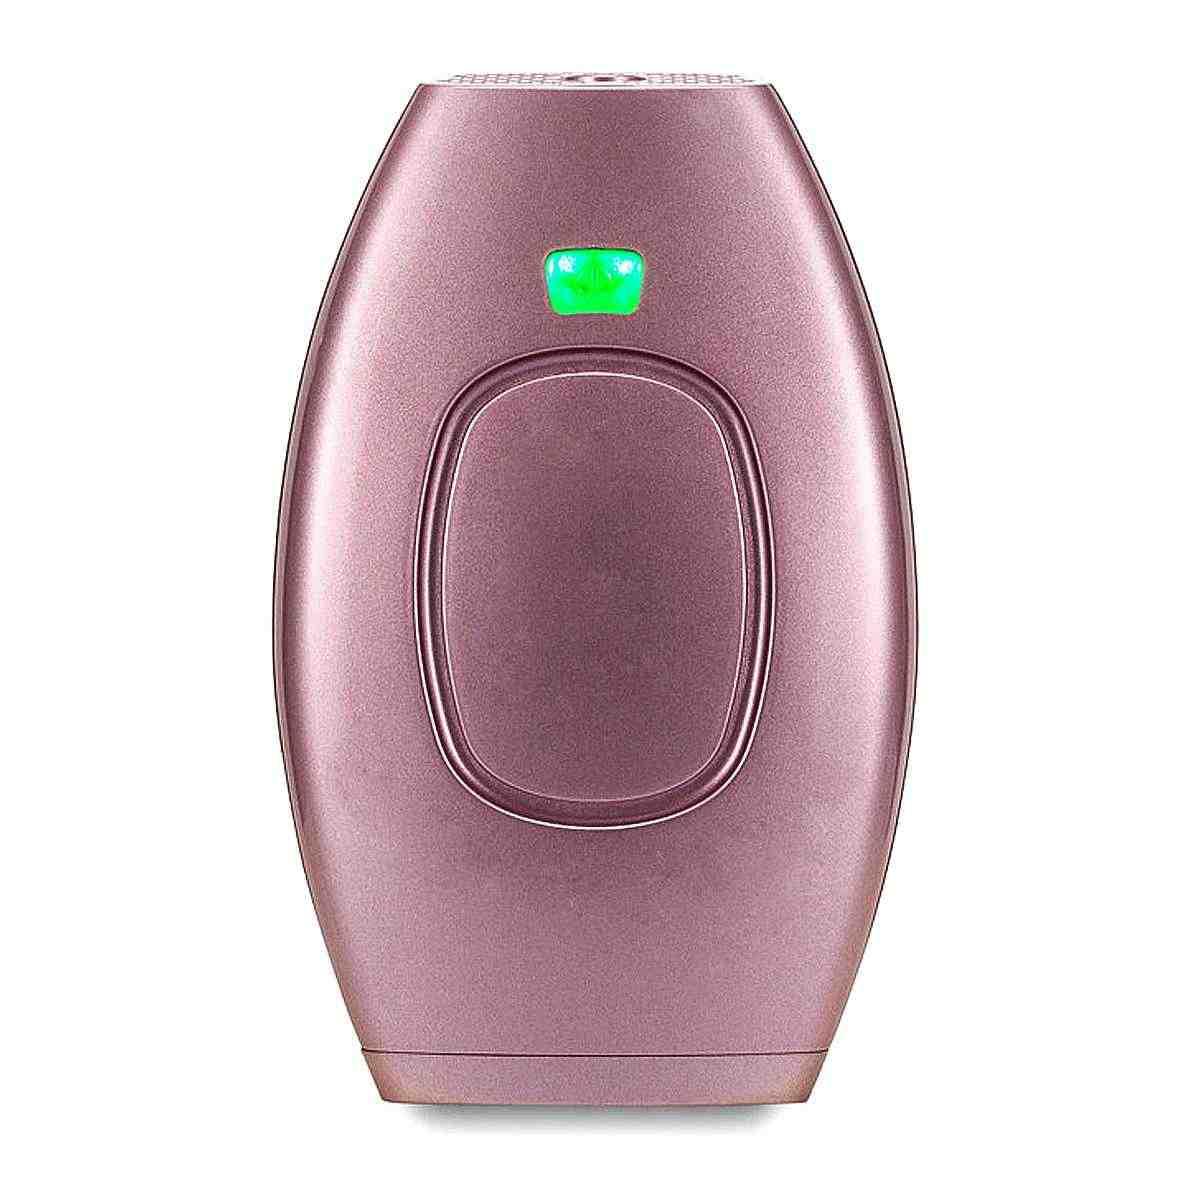 500000 Pulsos IPL Laser Máquina de Corpo Inteiro Dispositivo Depilação Indolor Depilador Depilator Portátil Aparelho de Cuidados Pessoais Novo